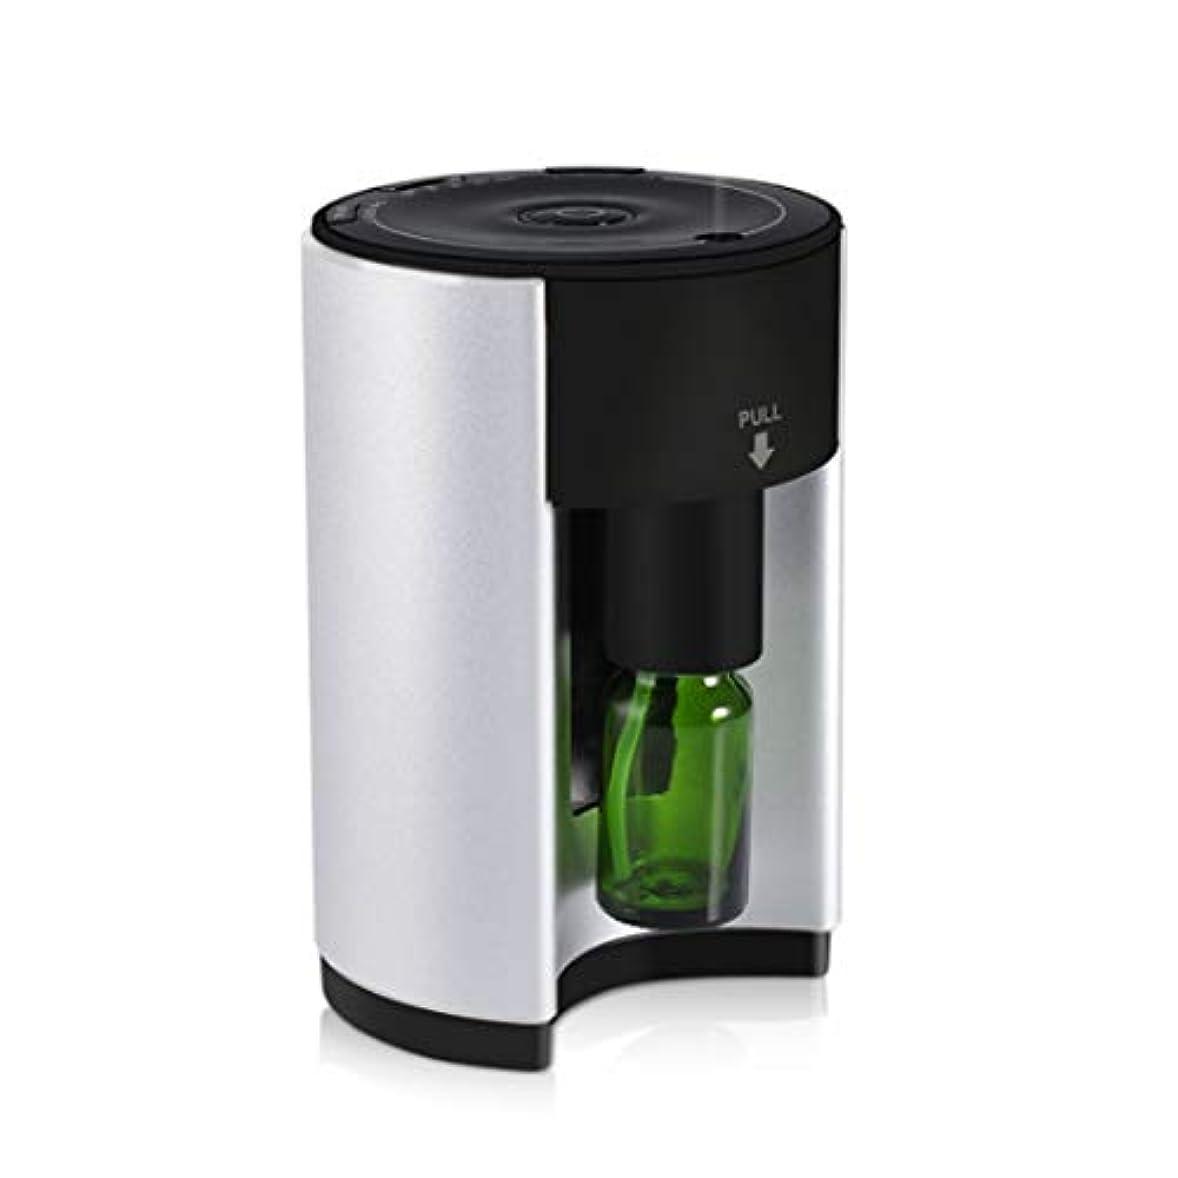 花輪スカルク下手アロマディフューザー アロマバーナー アロマ芳香器 ネブライザー式 人気 香り 小型 コンパクト 軽量 アロマオイル うるおい 専用ボトル付 タイマー付き ヨガ室 ホテル 広範囲適用